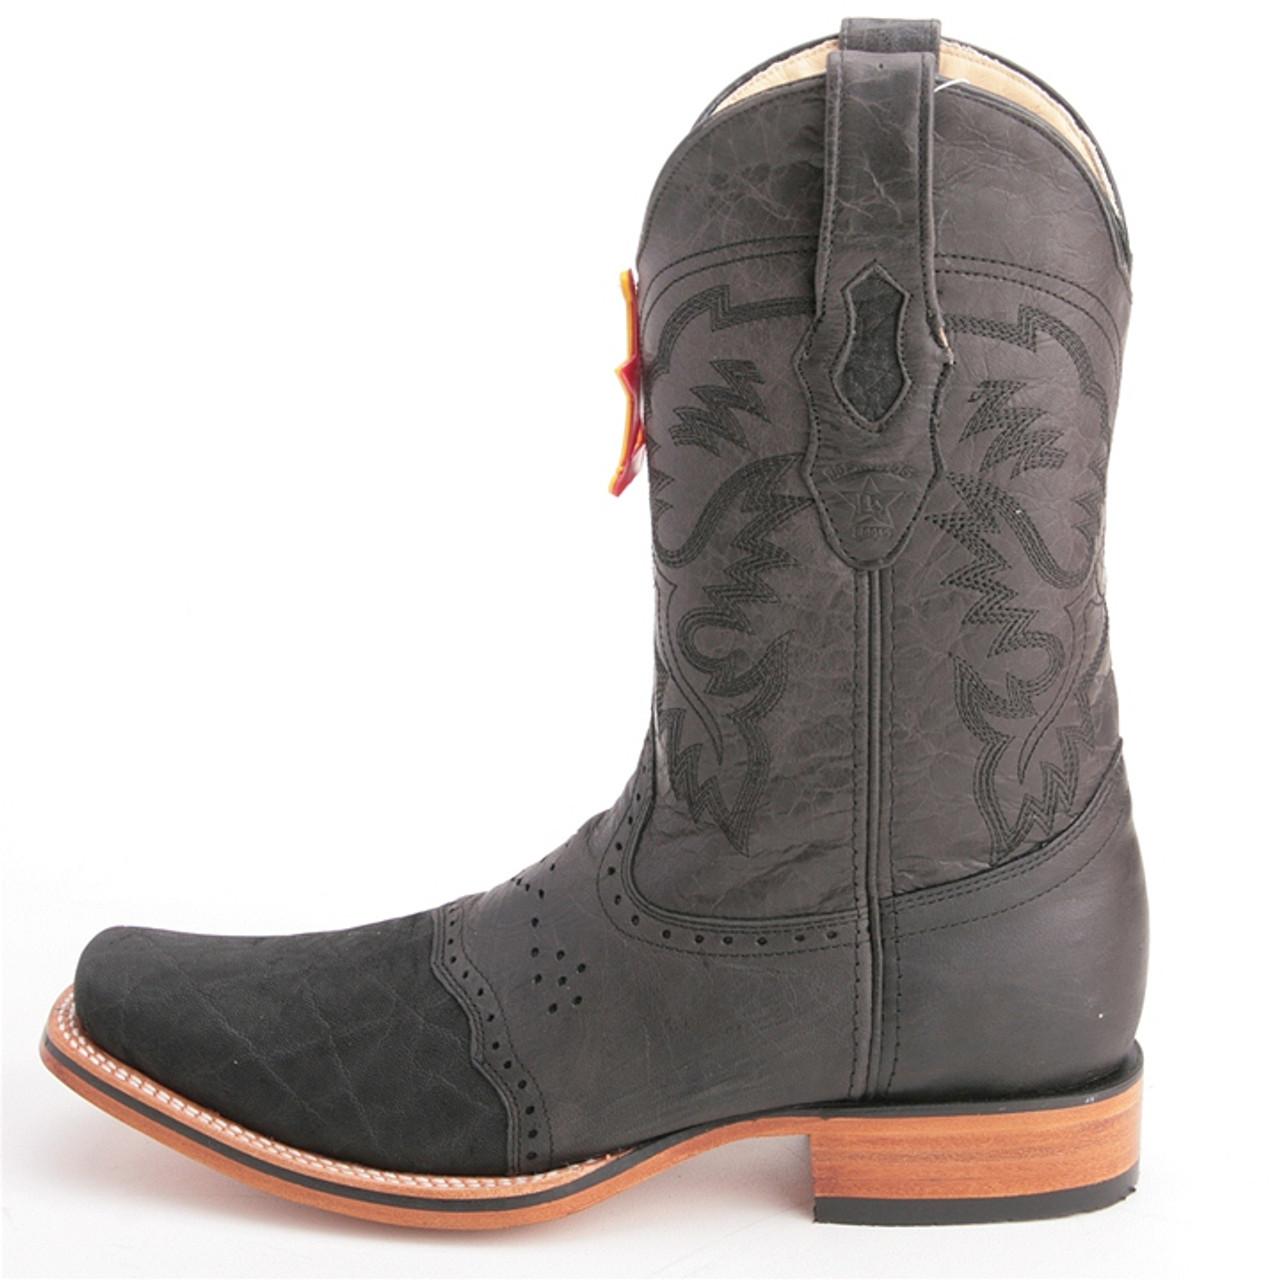 Los Altos Black Wide Toe Boots Genuine